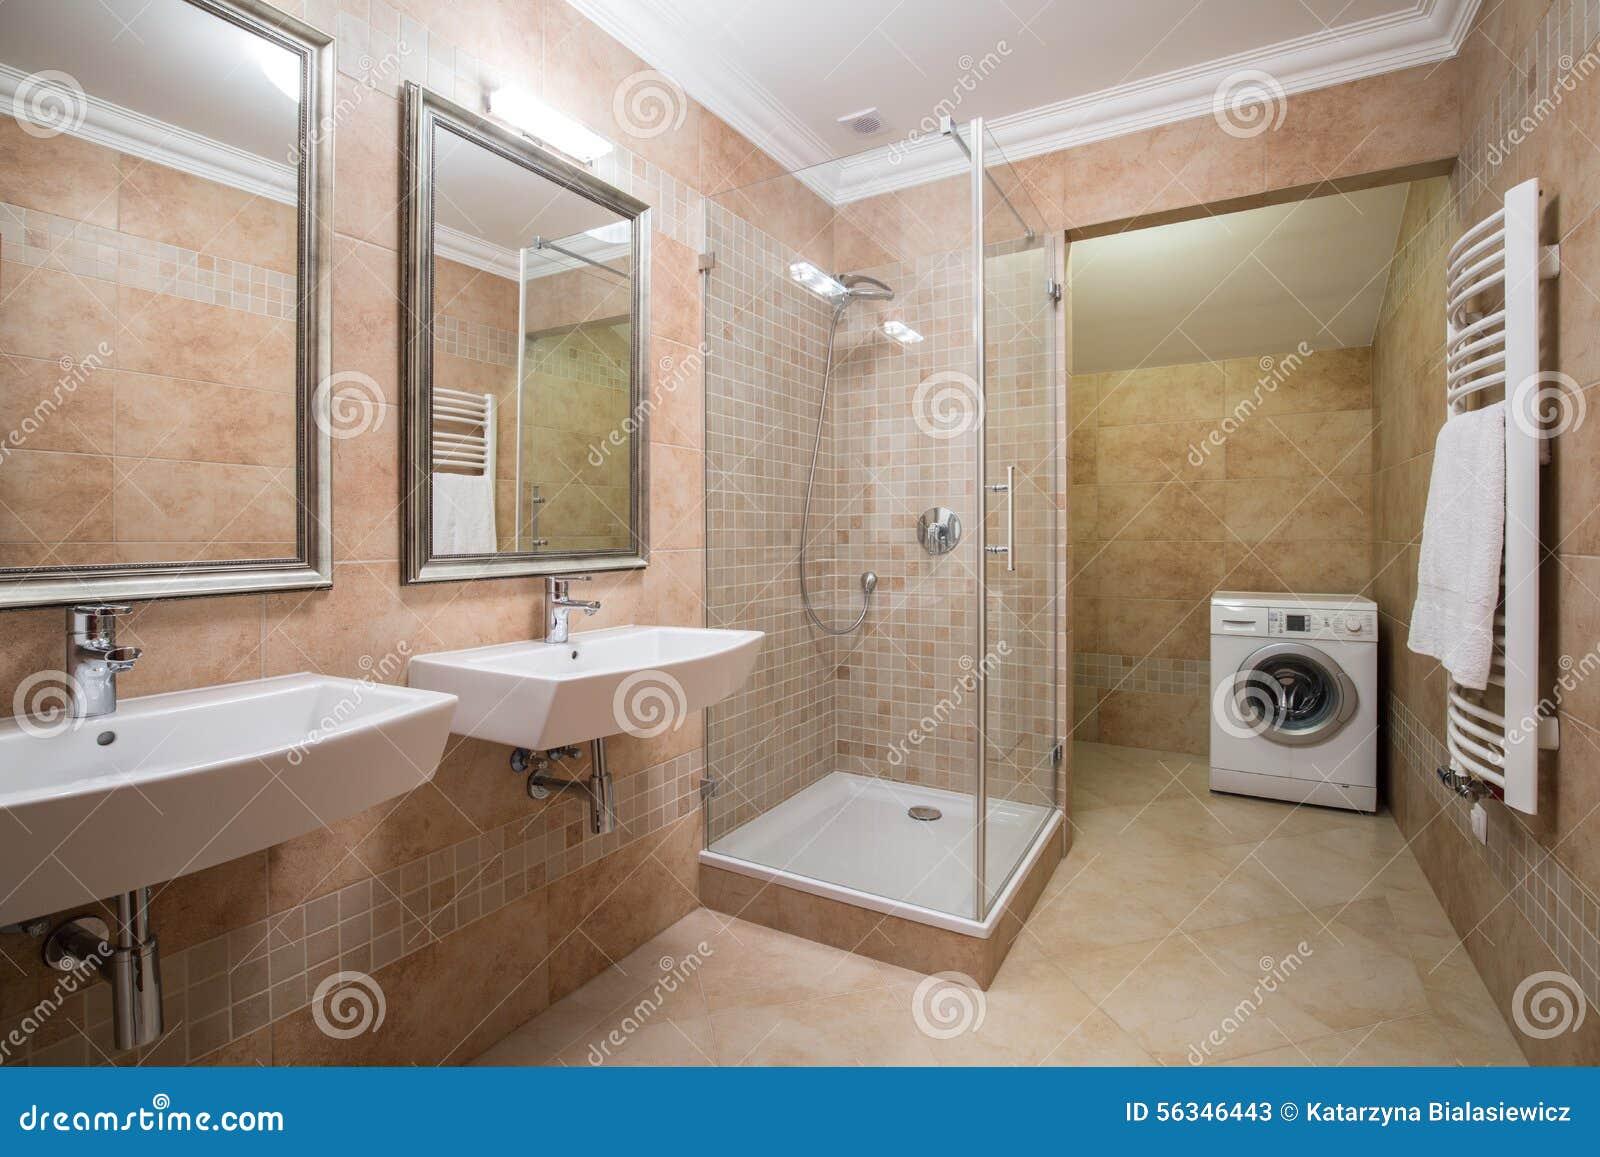 Lavadora en cuarto de ba o beige imagen de archivo for Cuartos de bano beige